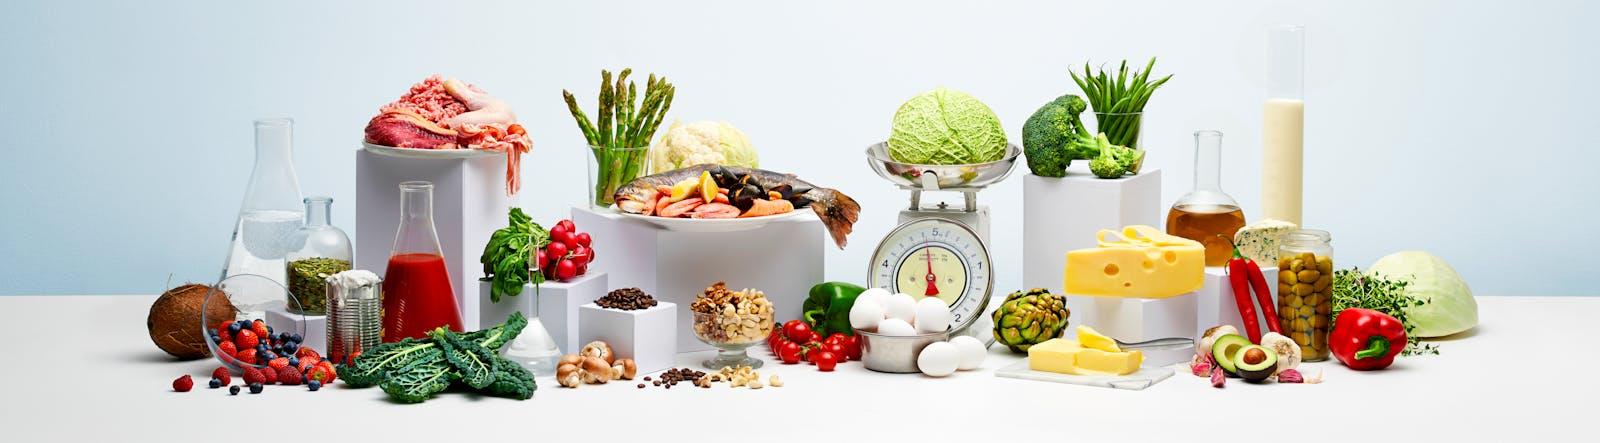 plan de dieta libre para la hipertensión